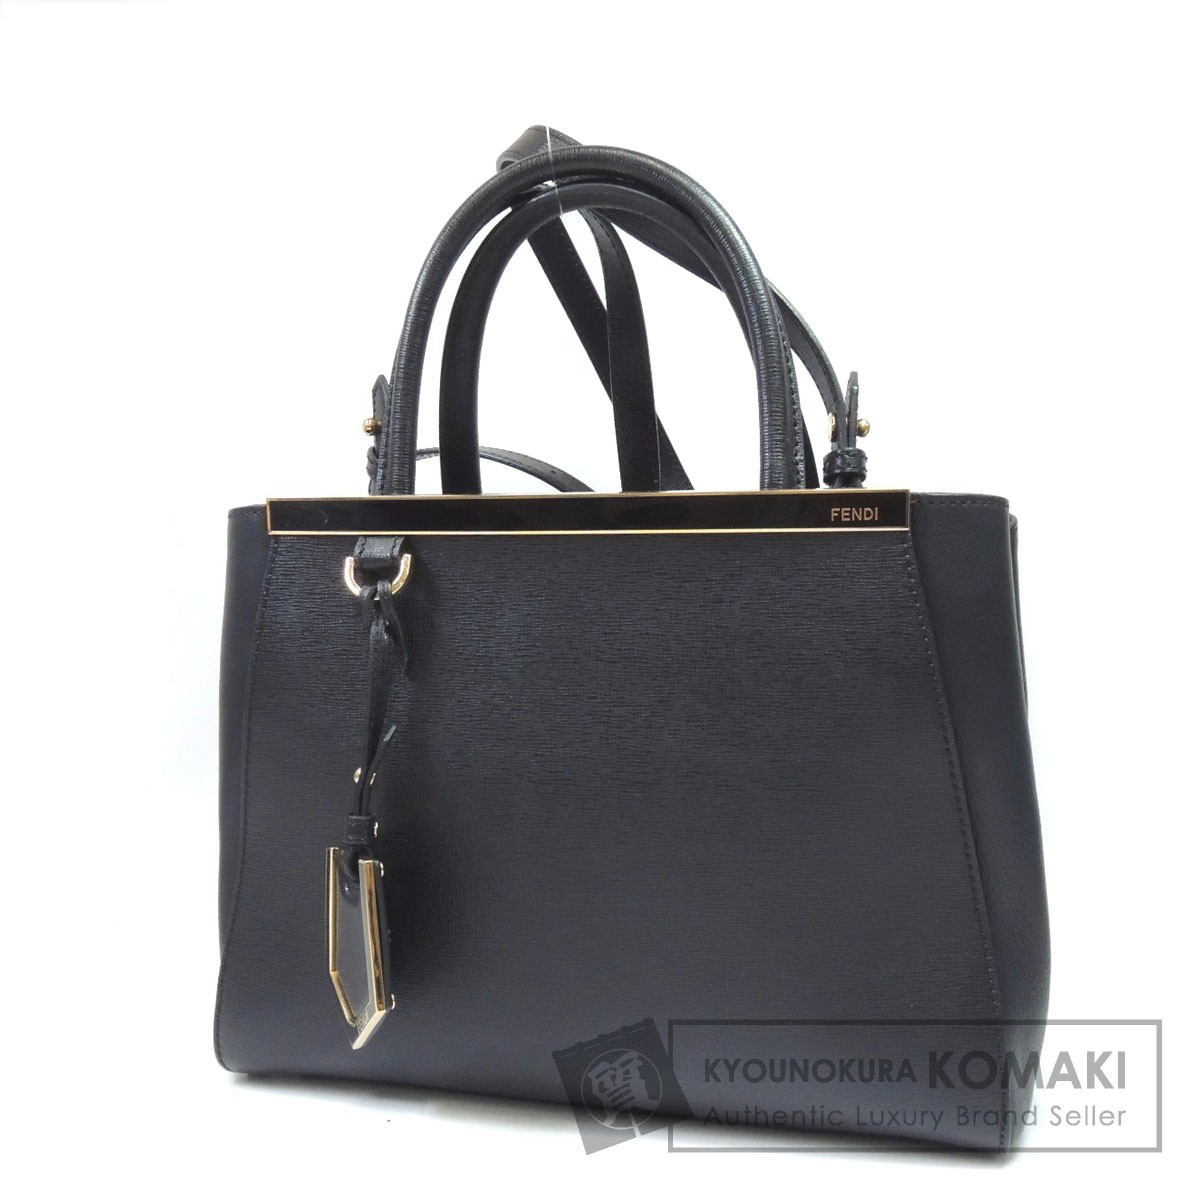 ... FENDI Fendi 8 BH 253 D 7 E TO JOUR 2 WAY Shoulder Bag Leather Ladies ... ca3cf7078e